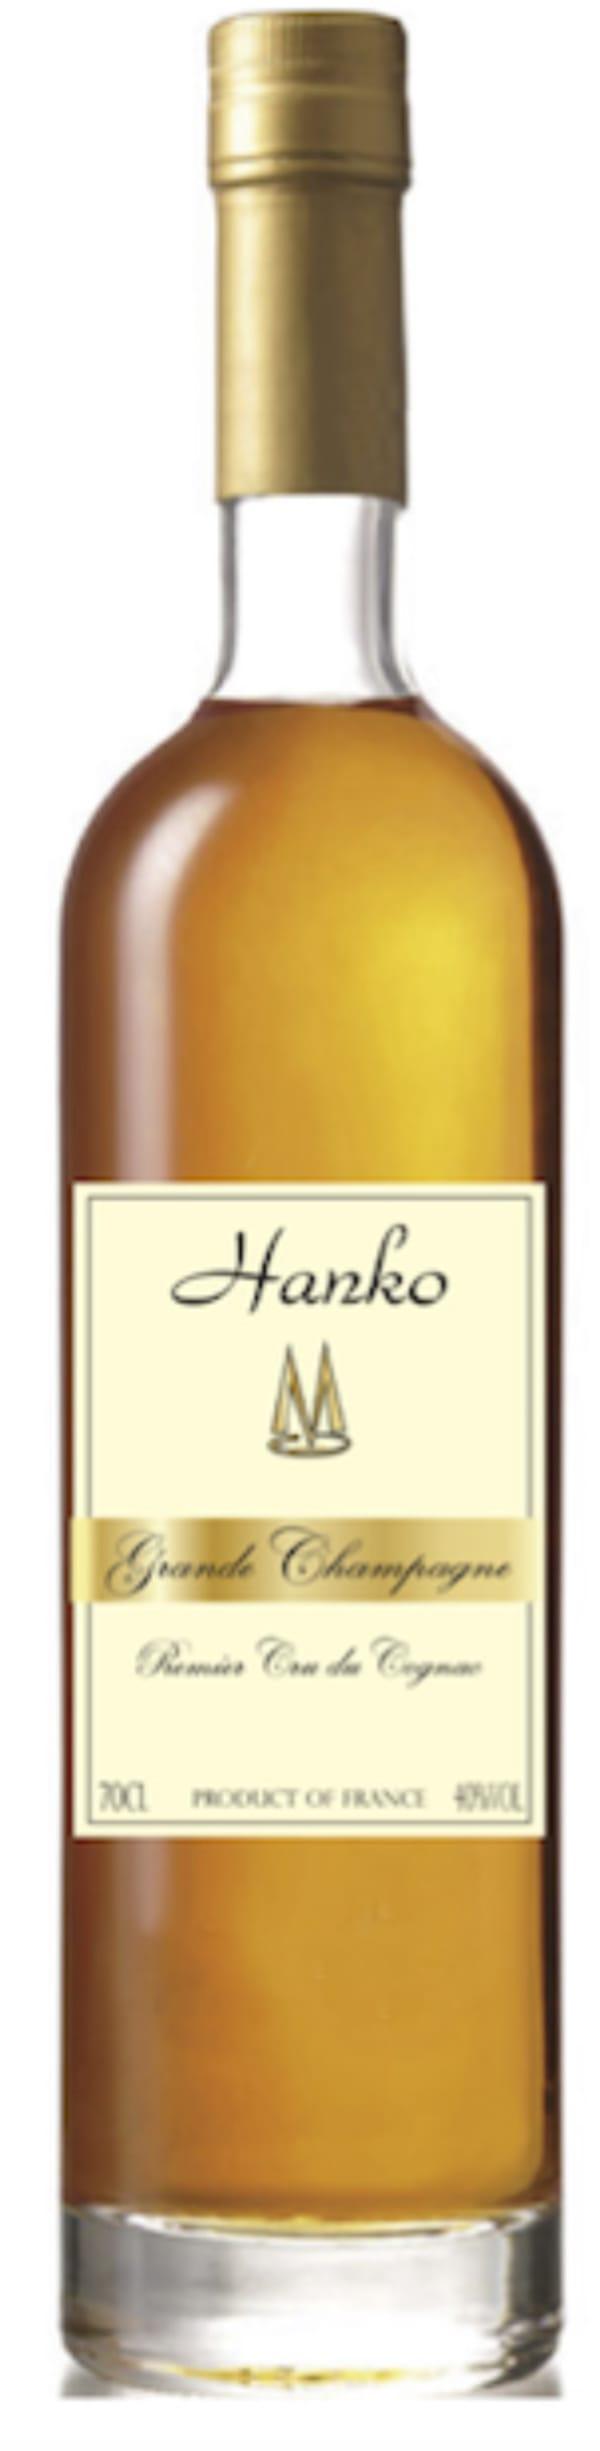 Hanko Cognac